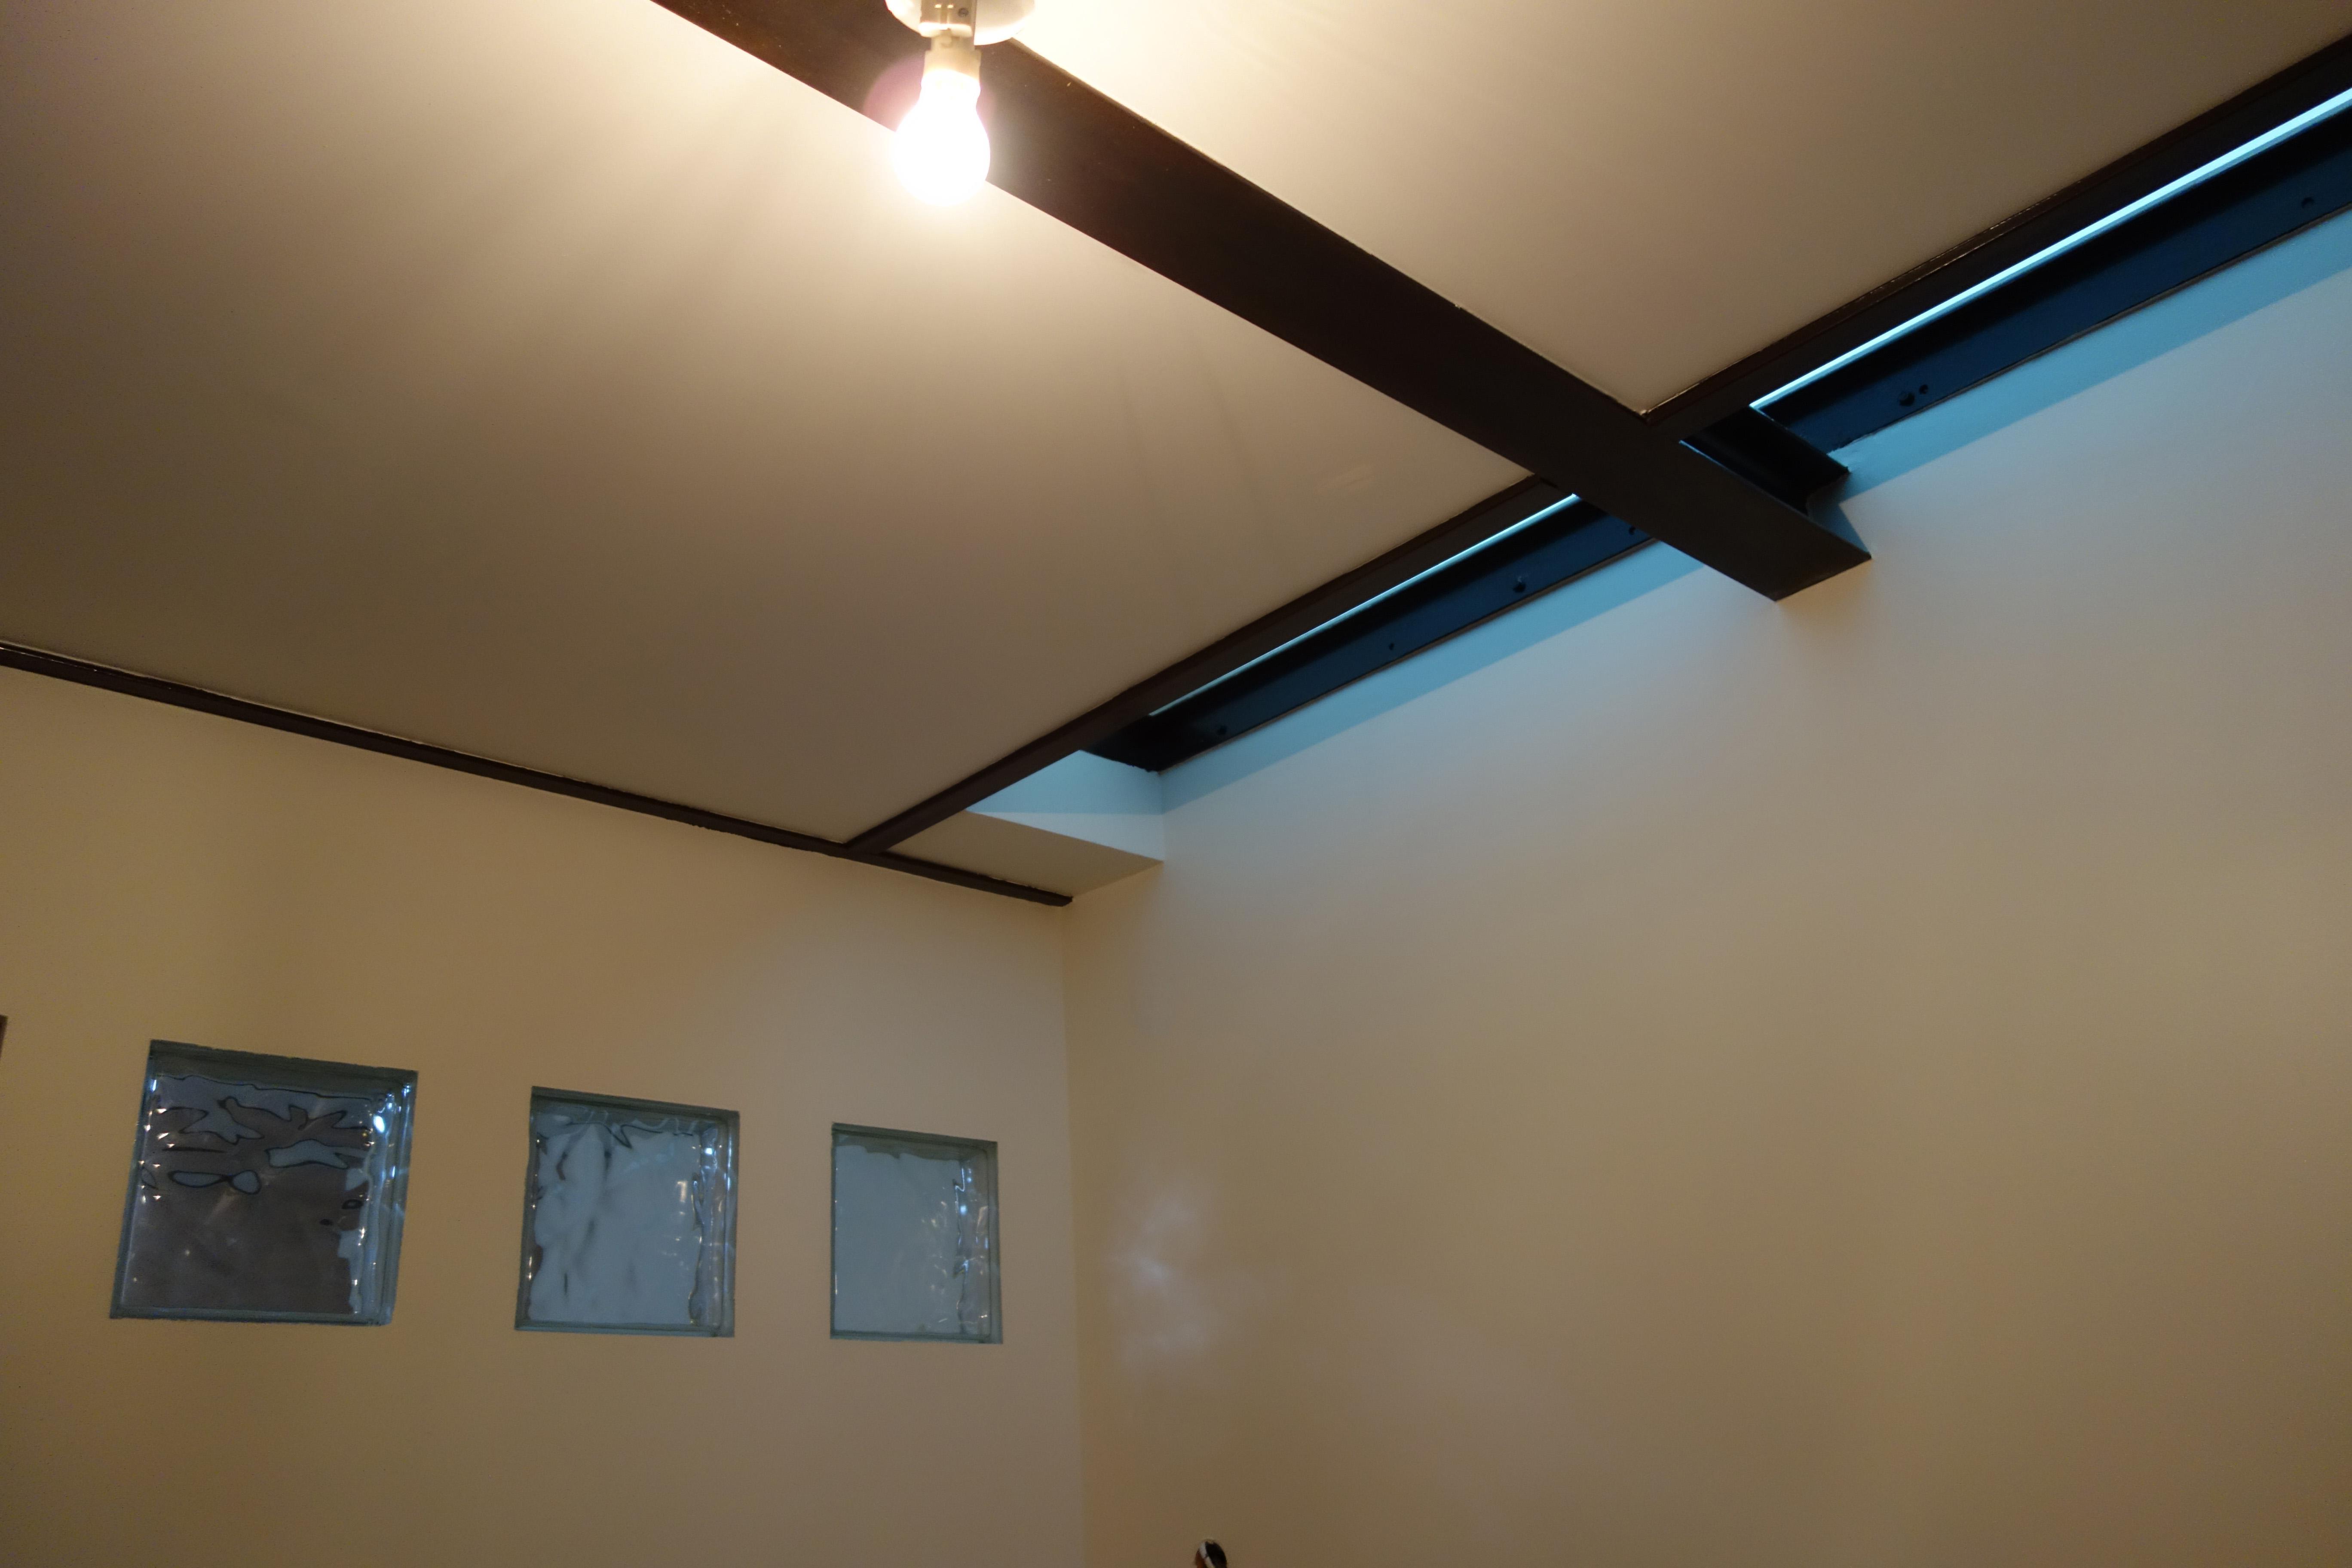 Eclairage niveau sous-sol.JPG